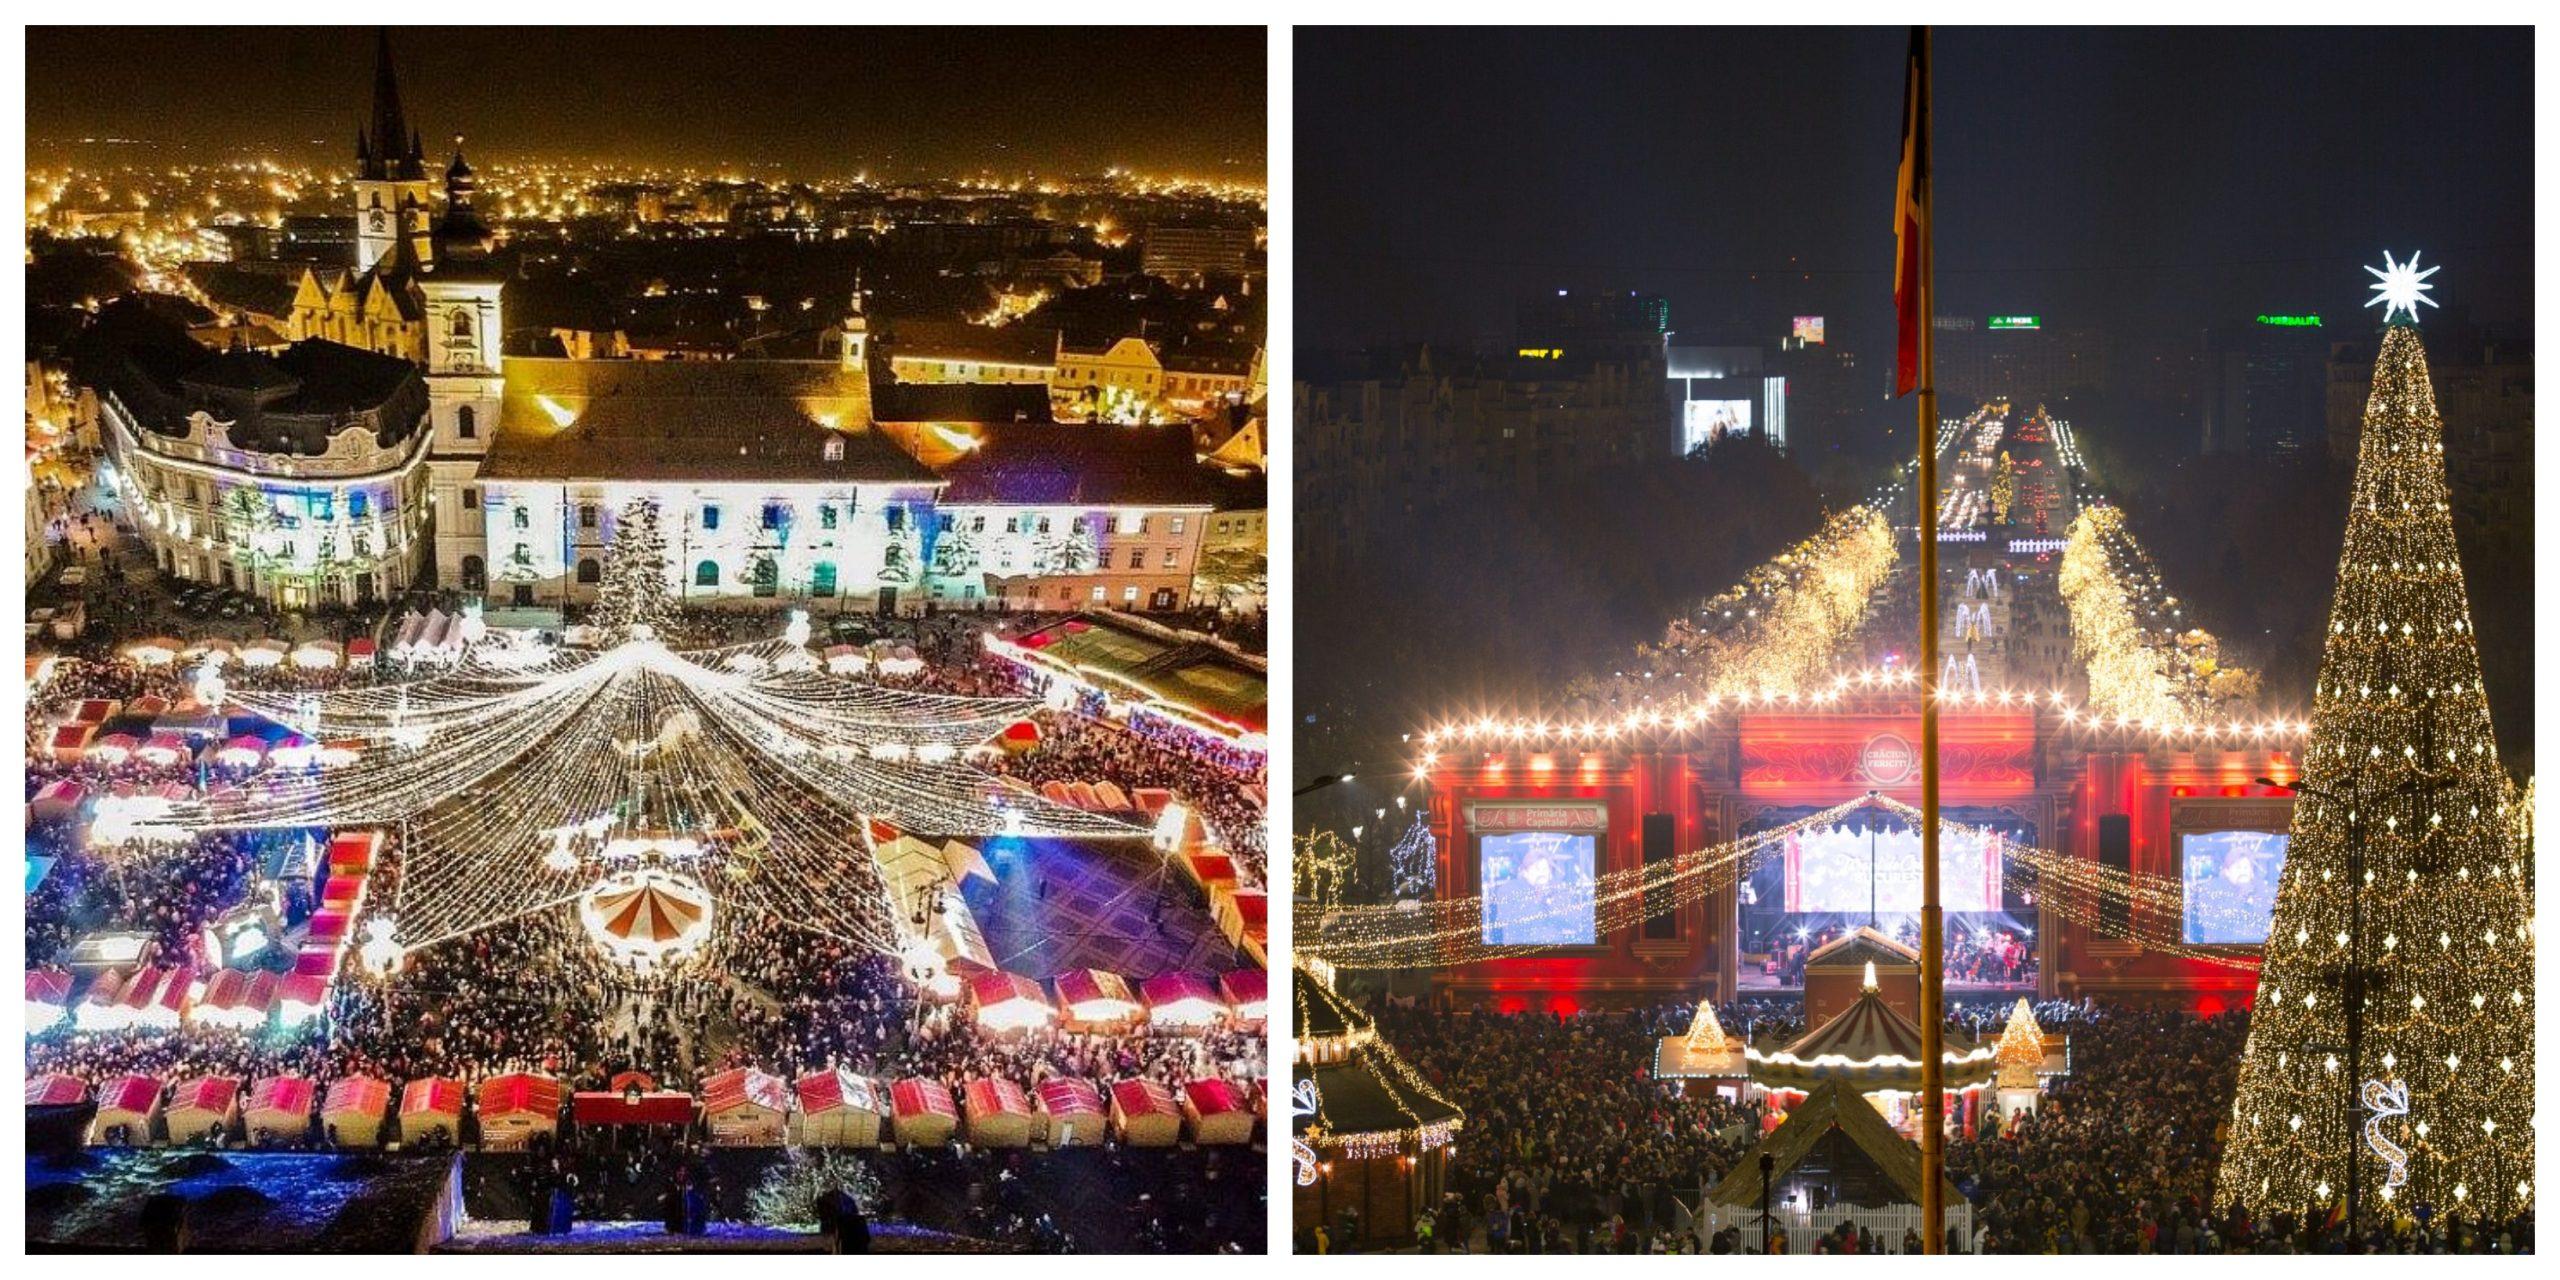 Târgul de Crăciun din București, anulat. Ce târg va avea loc în plină pandemie